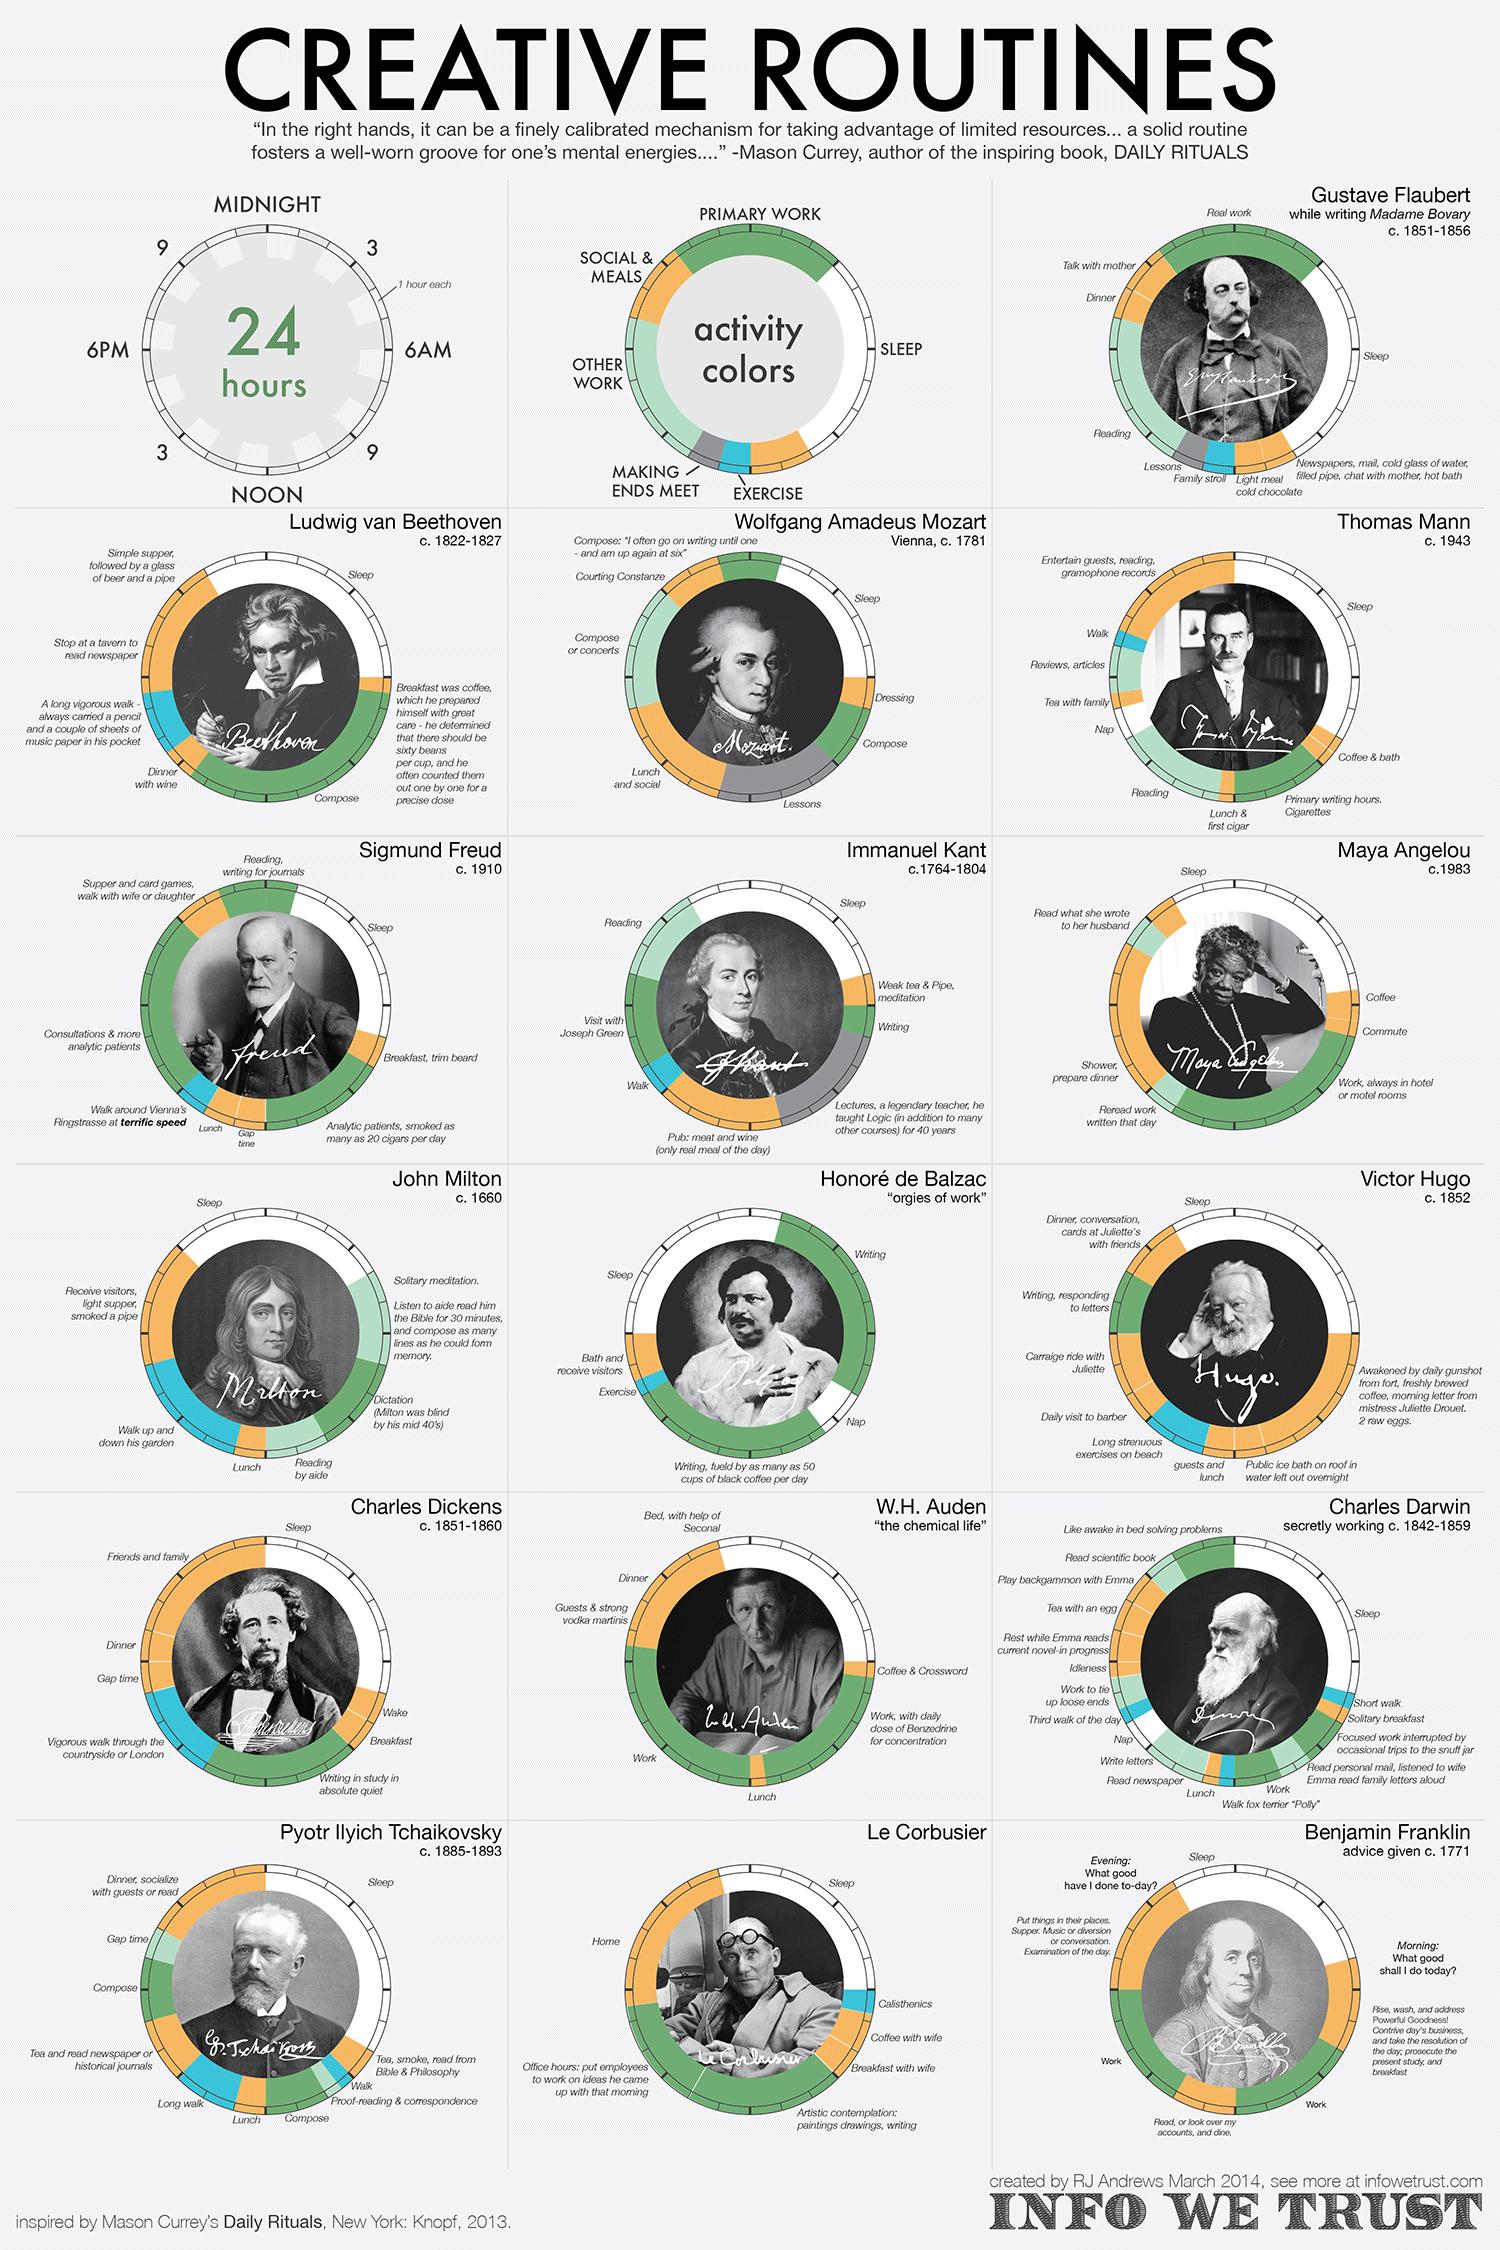 Infografía Rutina de los Cretivos (1)